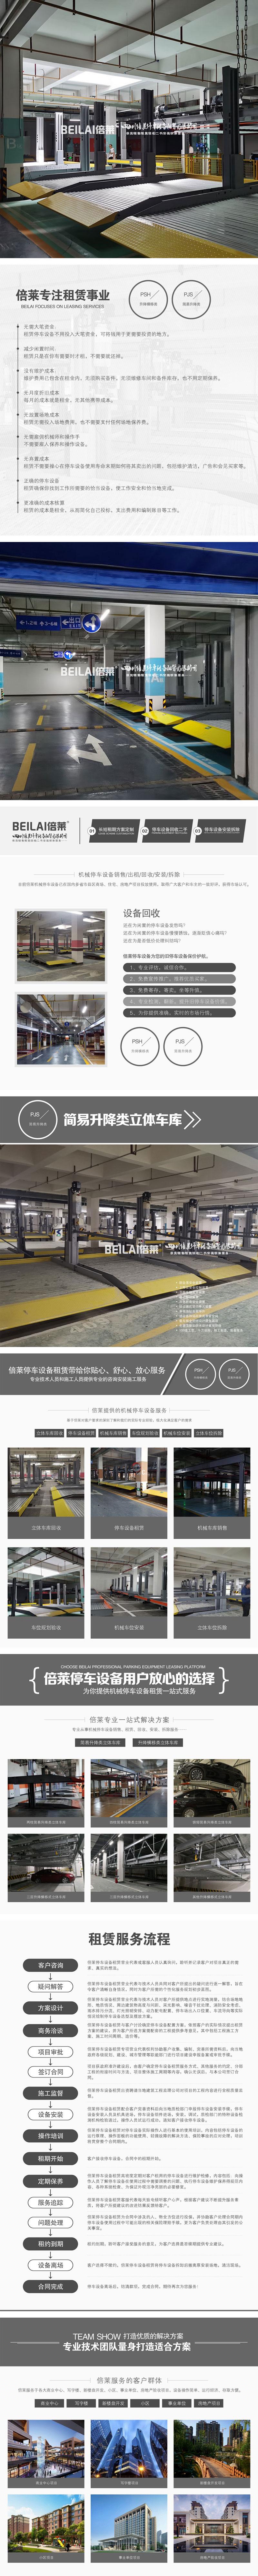 云南升降橫移改造仁和立體停車場倍萊升降停車庫